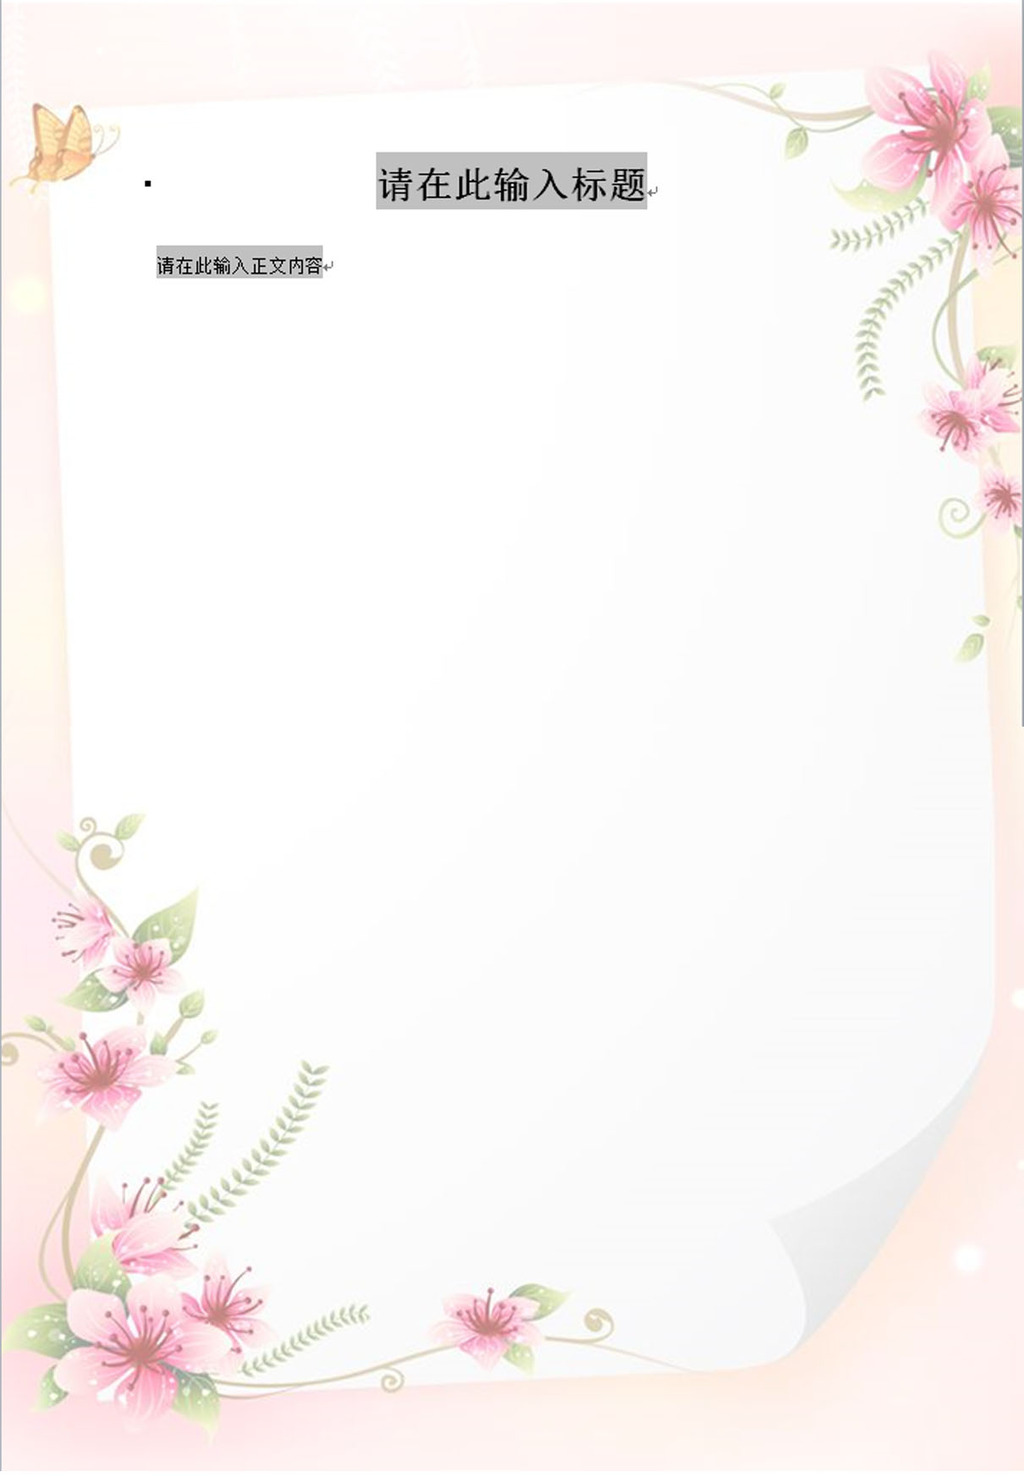 韩国手绘边框竖